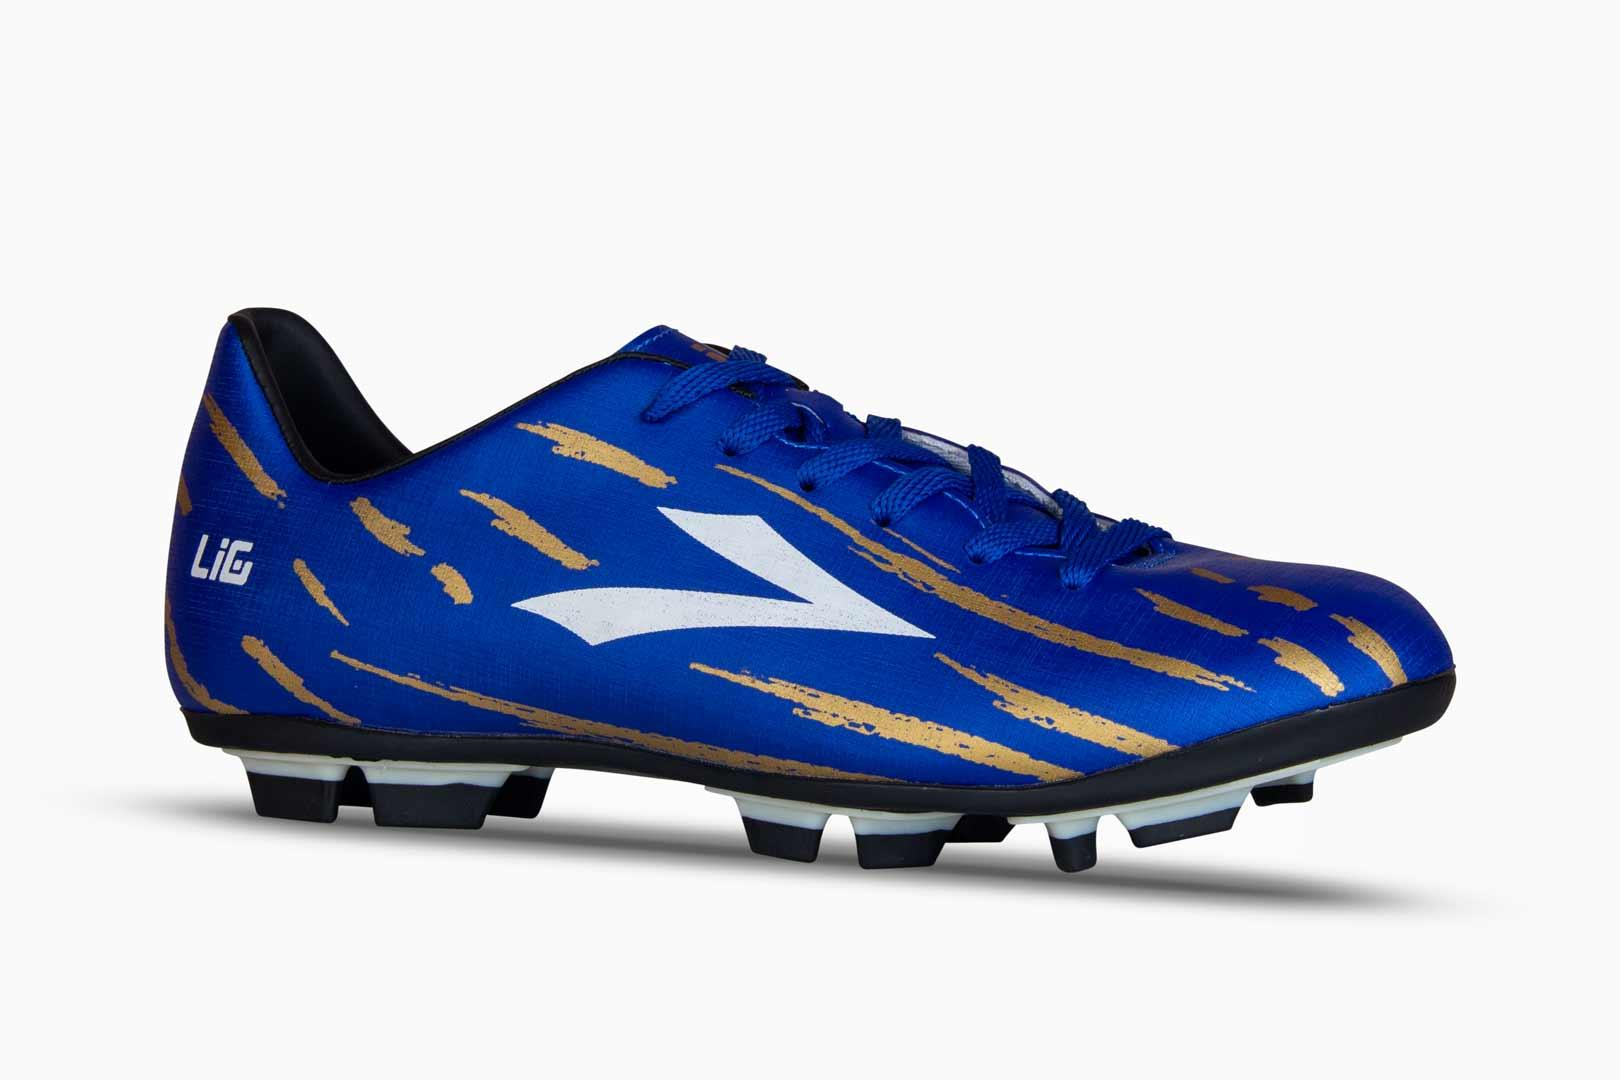 Ligue Latmos Match goujon chaussures de Football | AliExpress